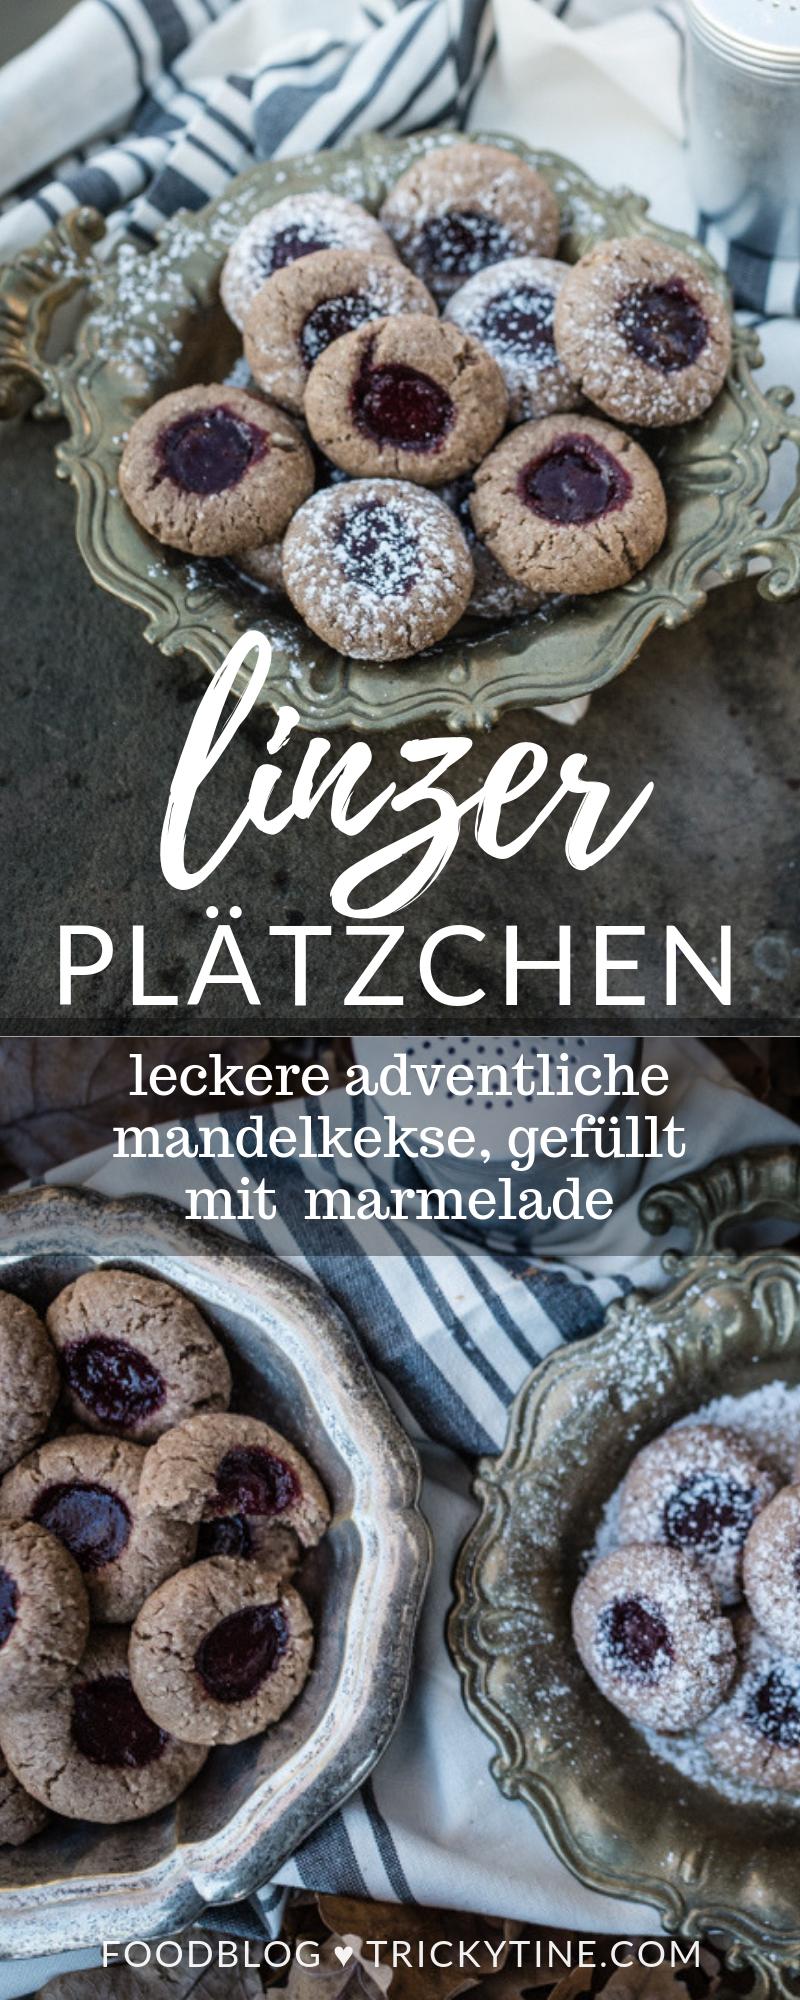 Weihnachtsplätzchen International.Köstliche Linzer Plätzchen Und Die Schönste Adventsdeko Designed By